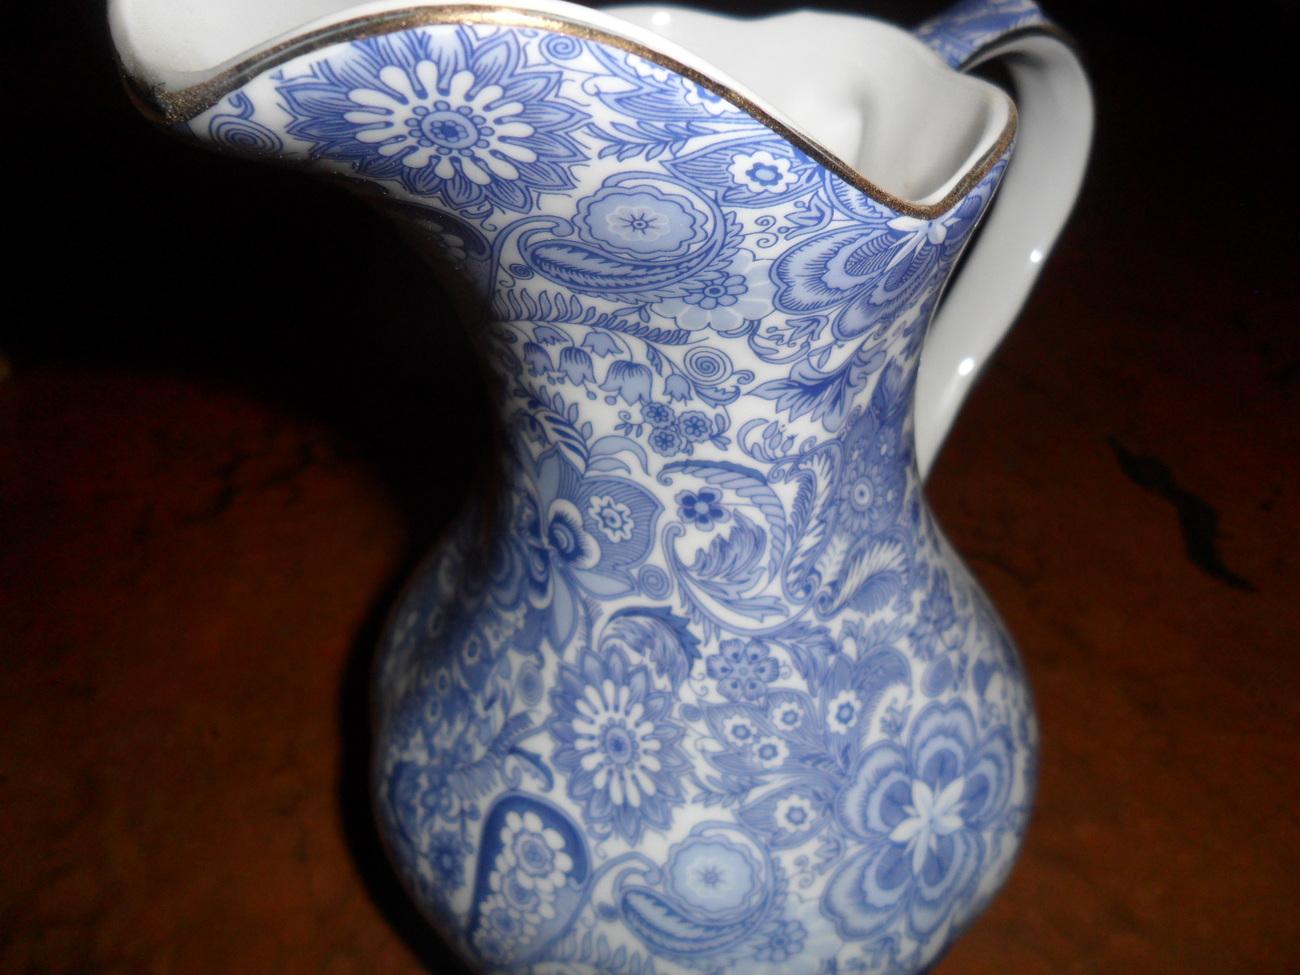 Godinger Antique Reflection Lovely Blue Floral Print Pitcher